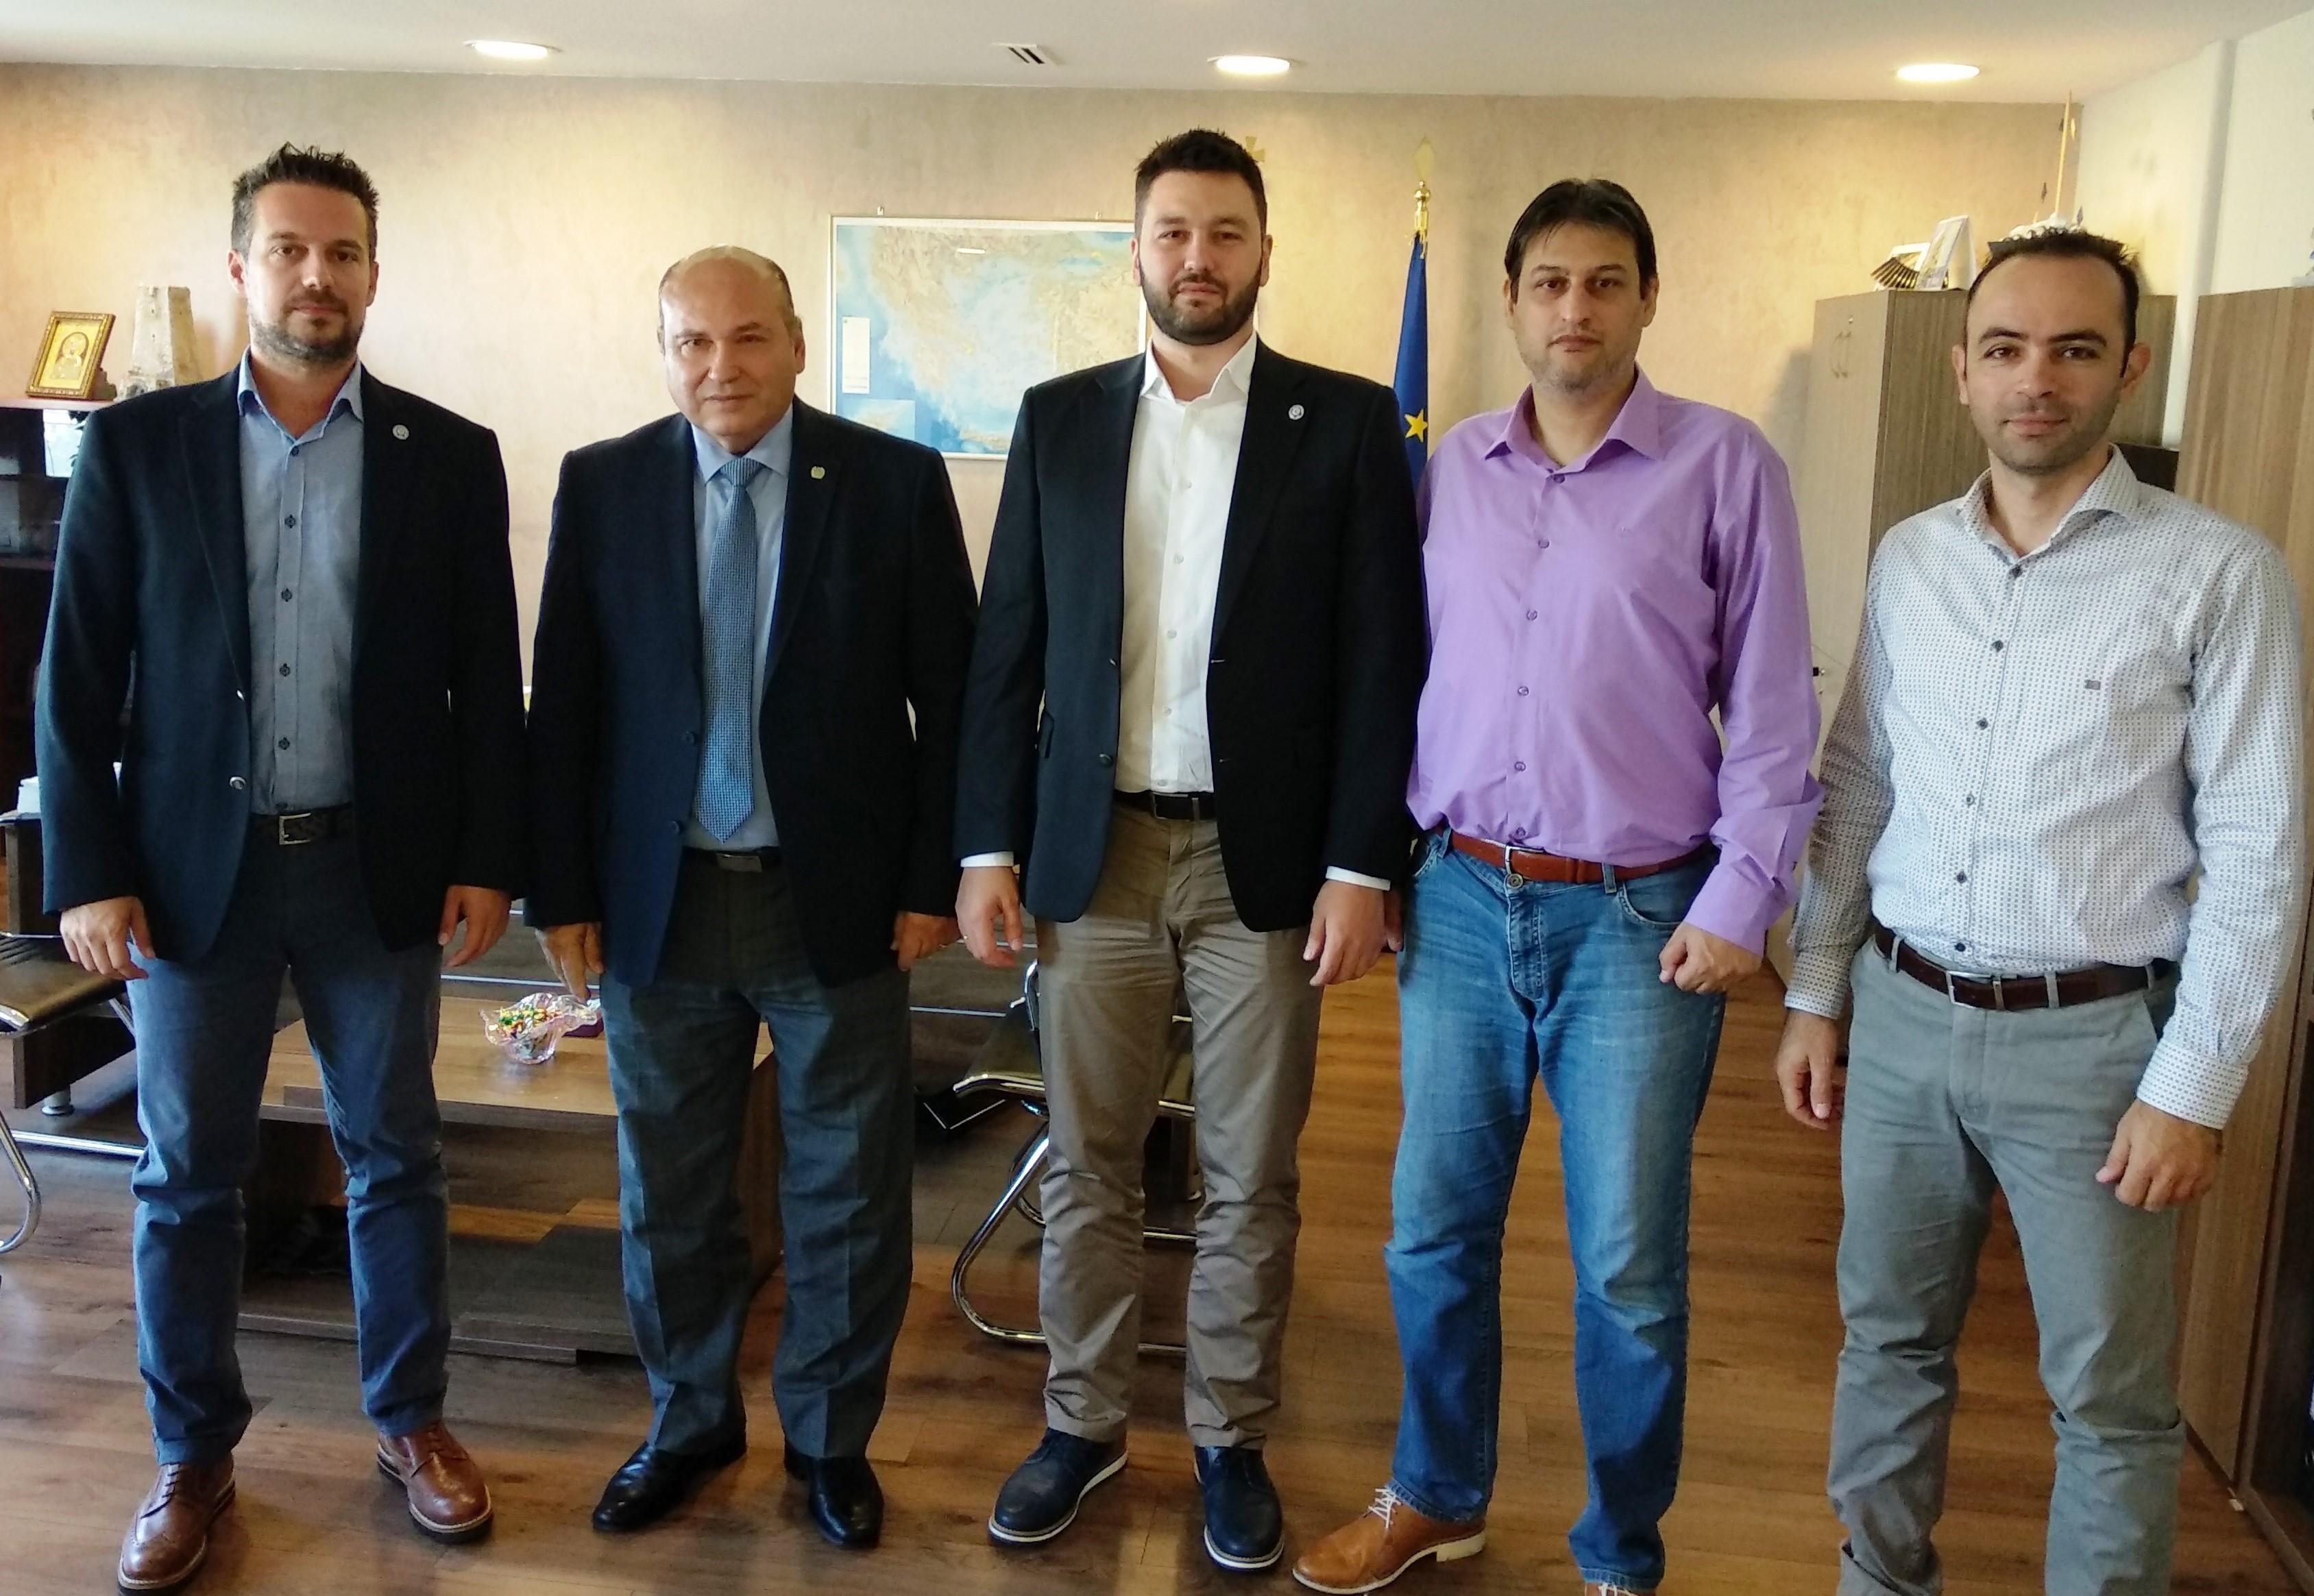 Τζανέτος ΦΙΛΙΠΠΑΚΟΣ - Πρόεδρο της Αθλητικής Ένωσης Αστυνομικών Ελλάδος